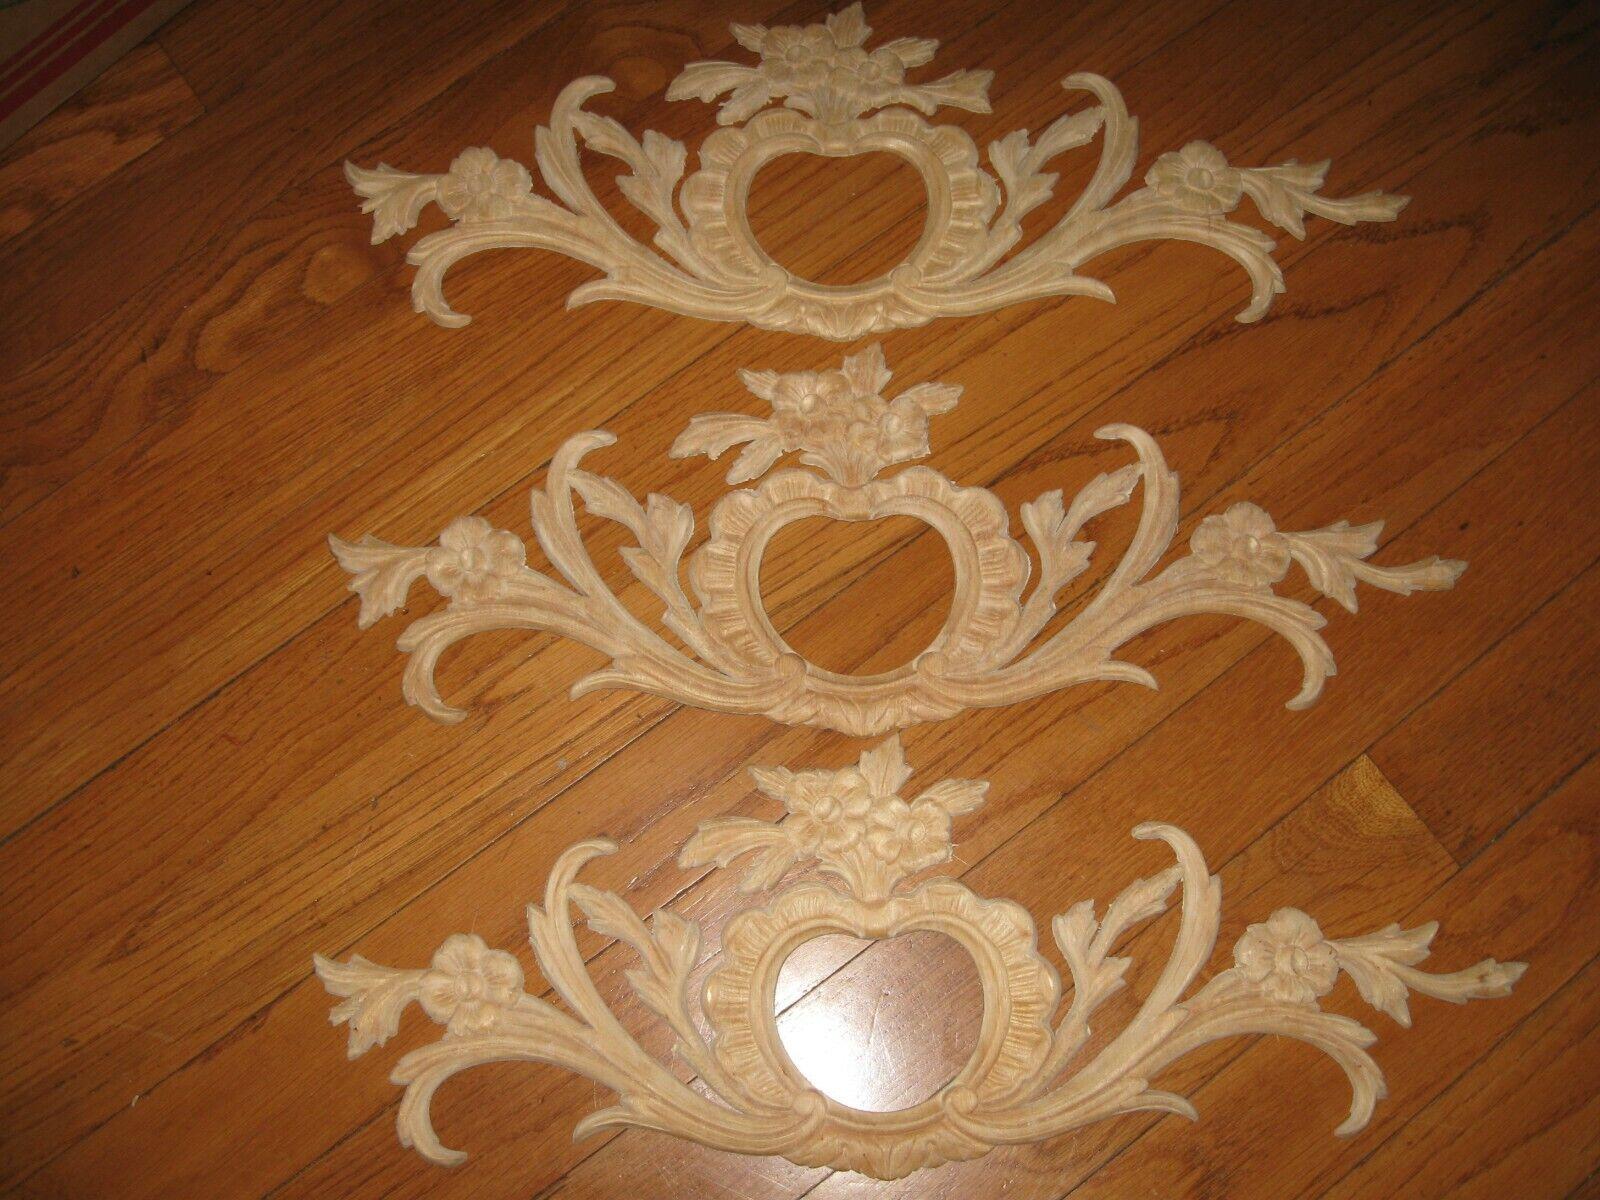 Vintage Lot of 3 Wood Carved Floral Pediment Furniture Decor